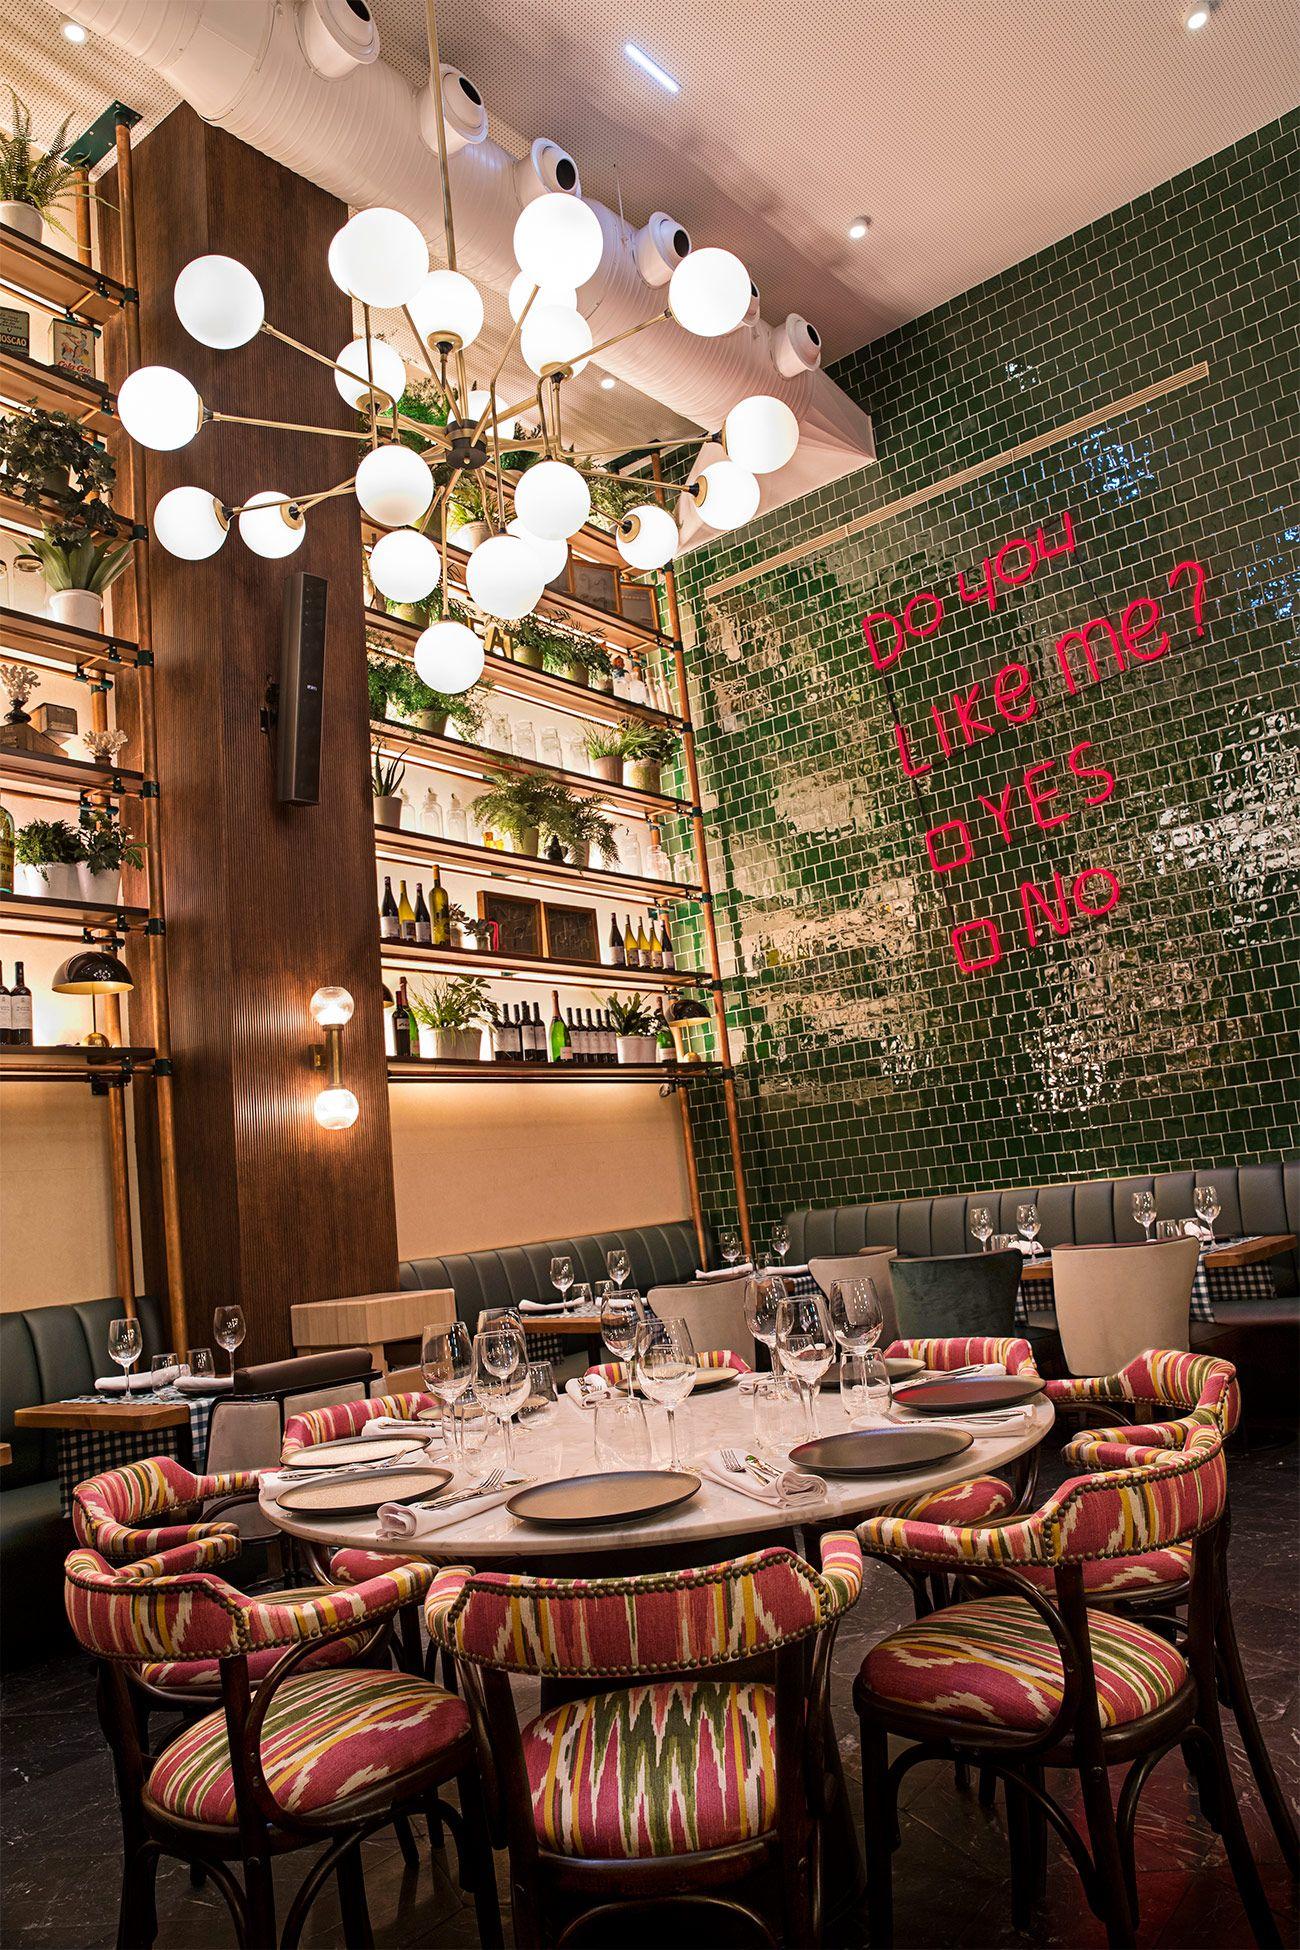 restaurantes, barrio de Salamanca, restaurantes barrio de Salamanca, madrid, restaurantes madrid, jorge juan, restaurantes jorge juan, restaurantes de moda en el barrio de salamanca, restaurantes de moda en madrid, restaurantes salamanca